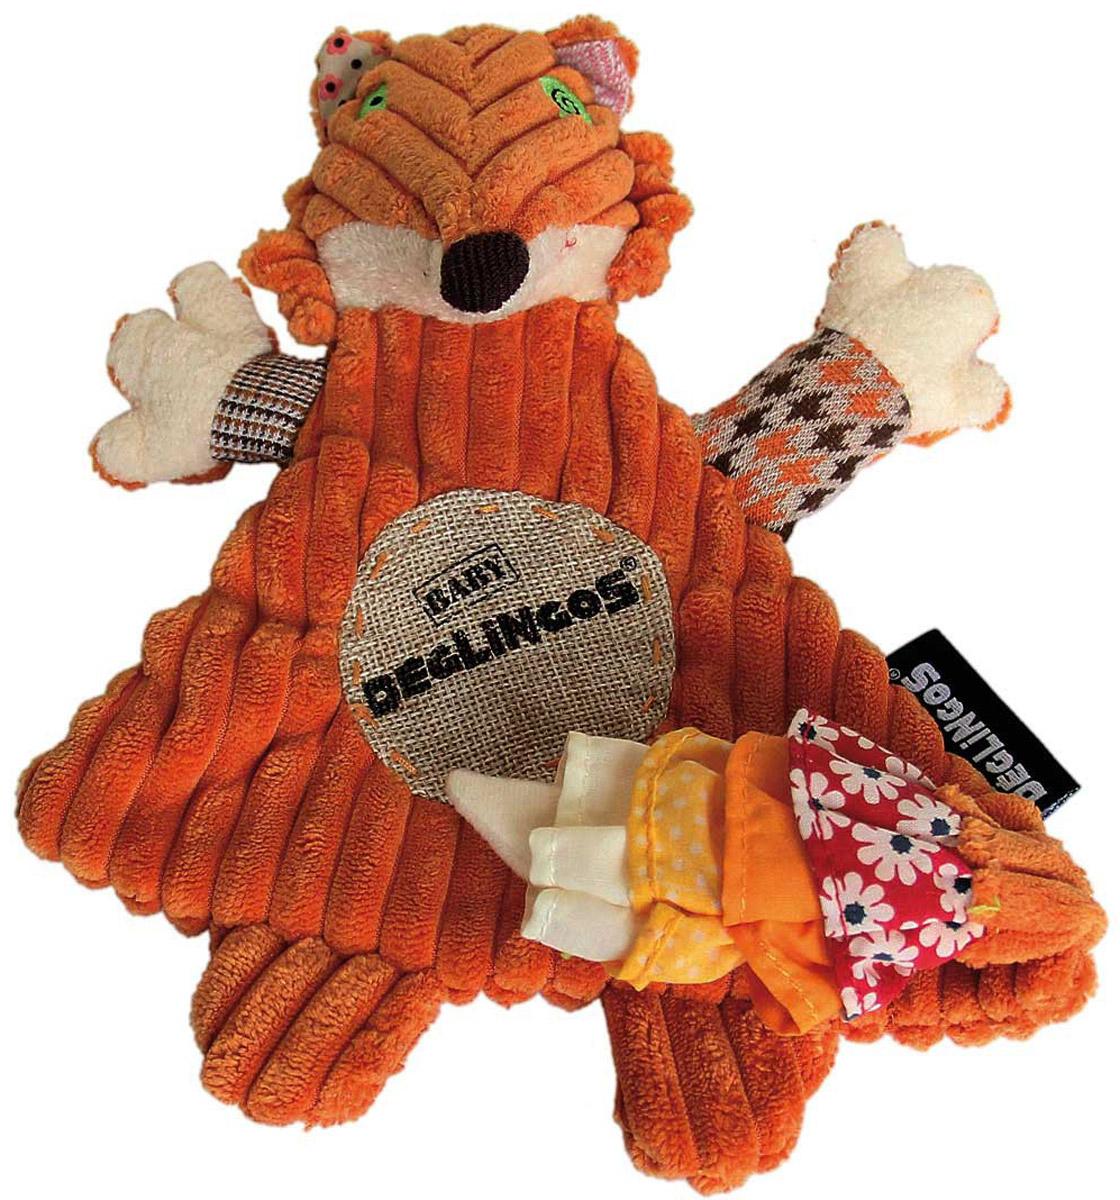 Deglingos Baby Мягкая Игрушка Лисичка Kitschos deglingos baby мягкая игрушка собачка nanos